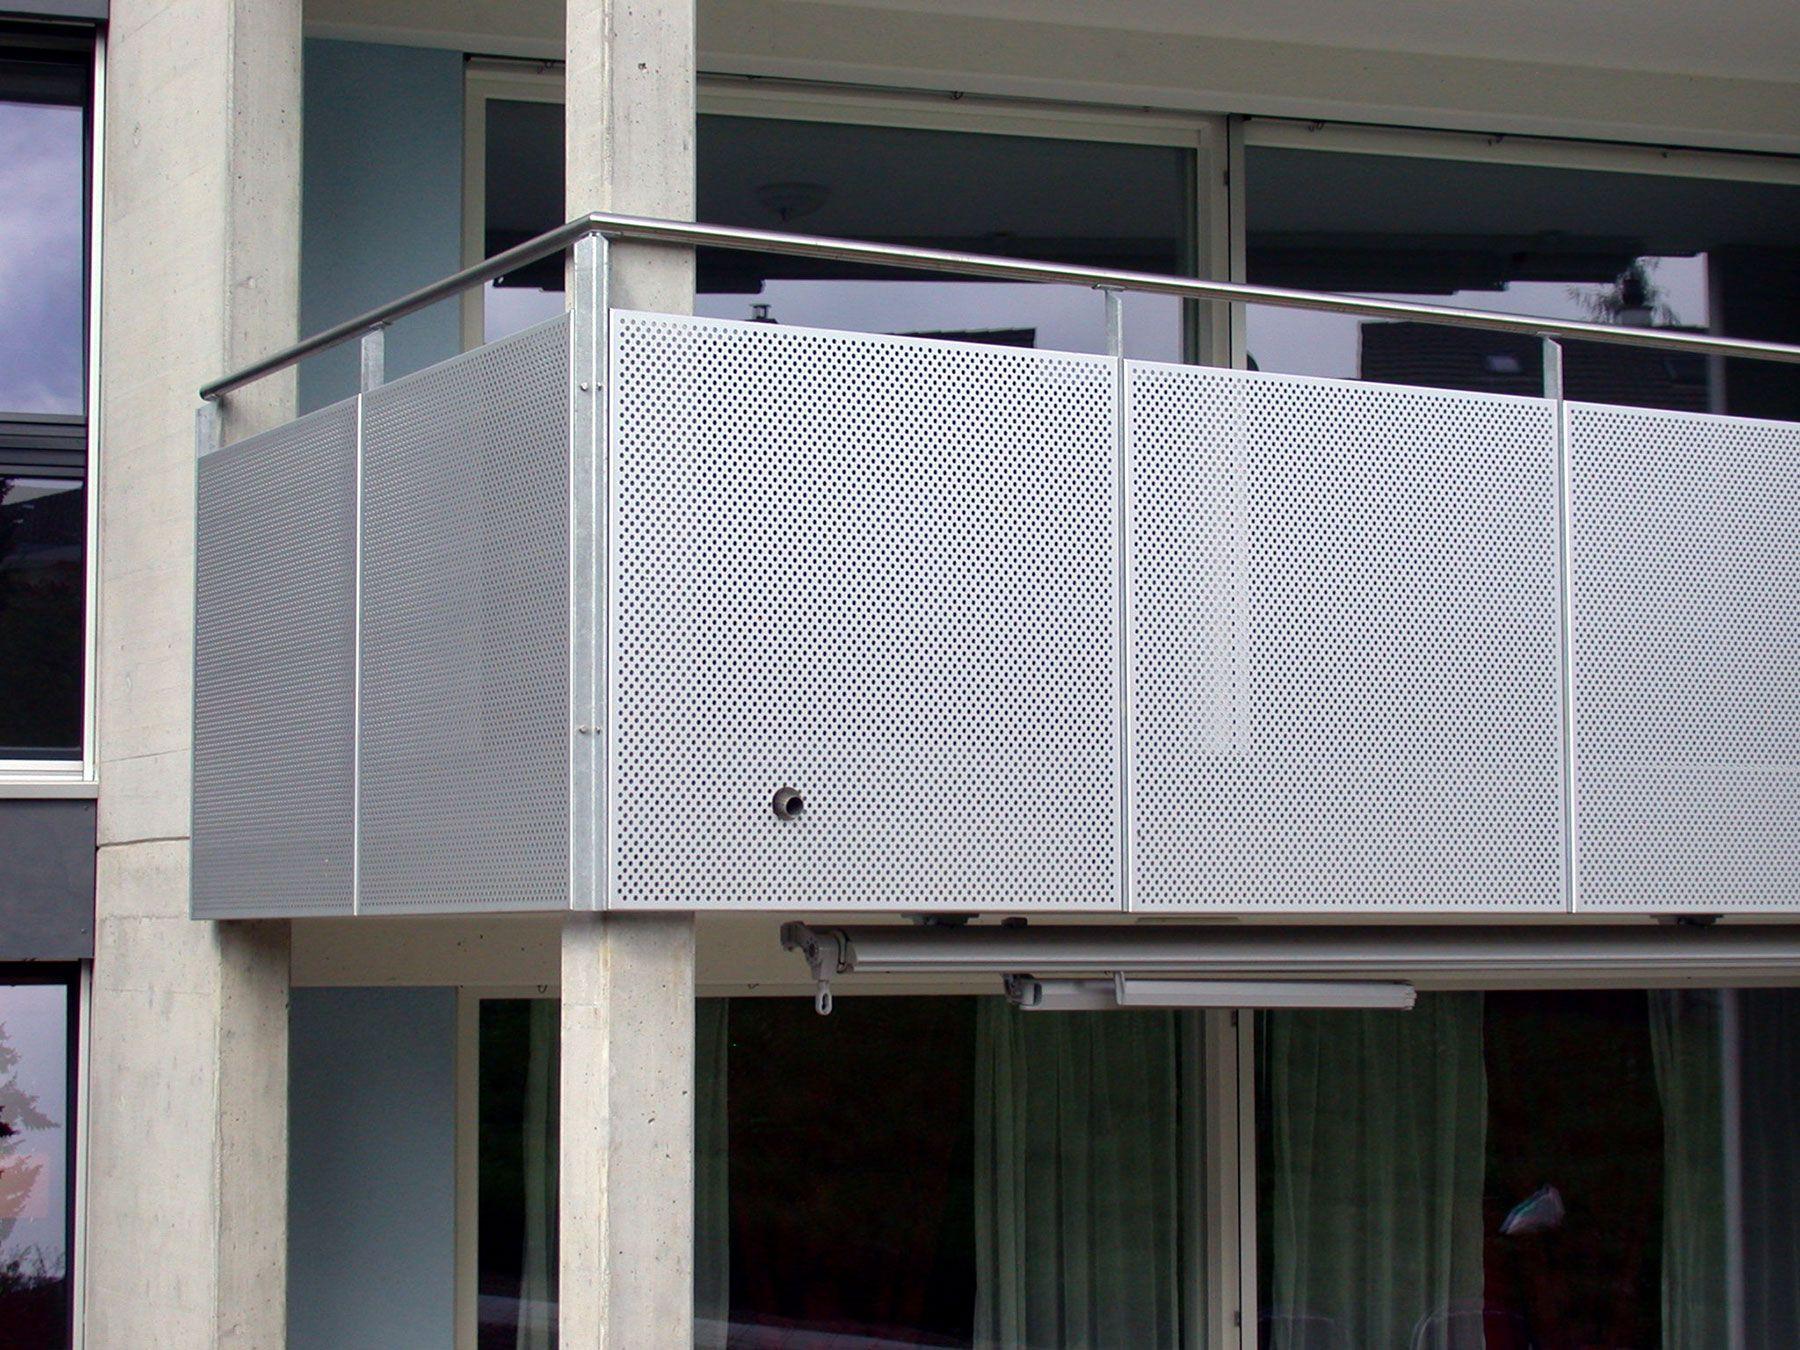 Slikovni rezultat za lochblech geländer Geländer balkon